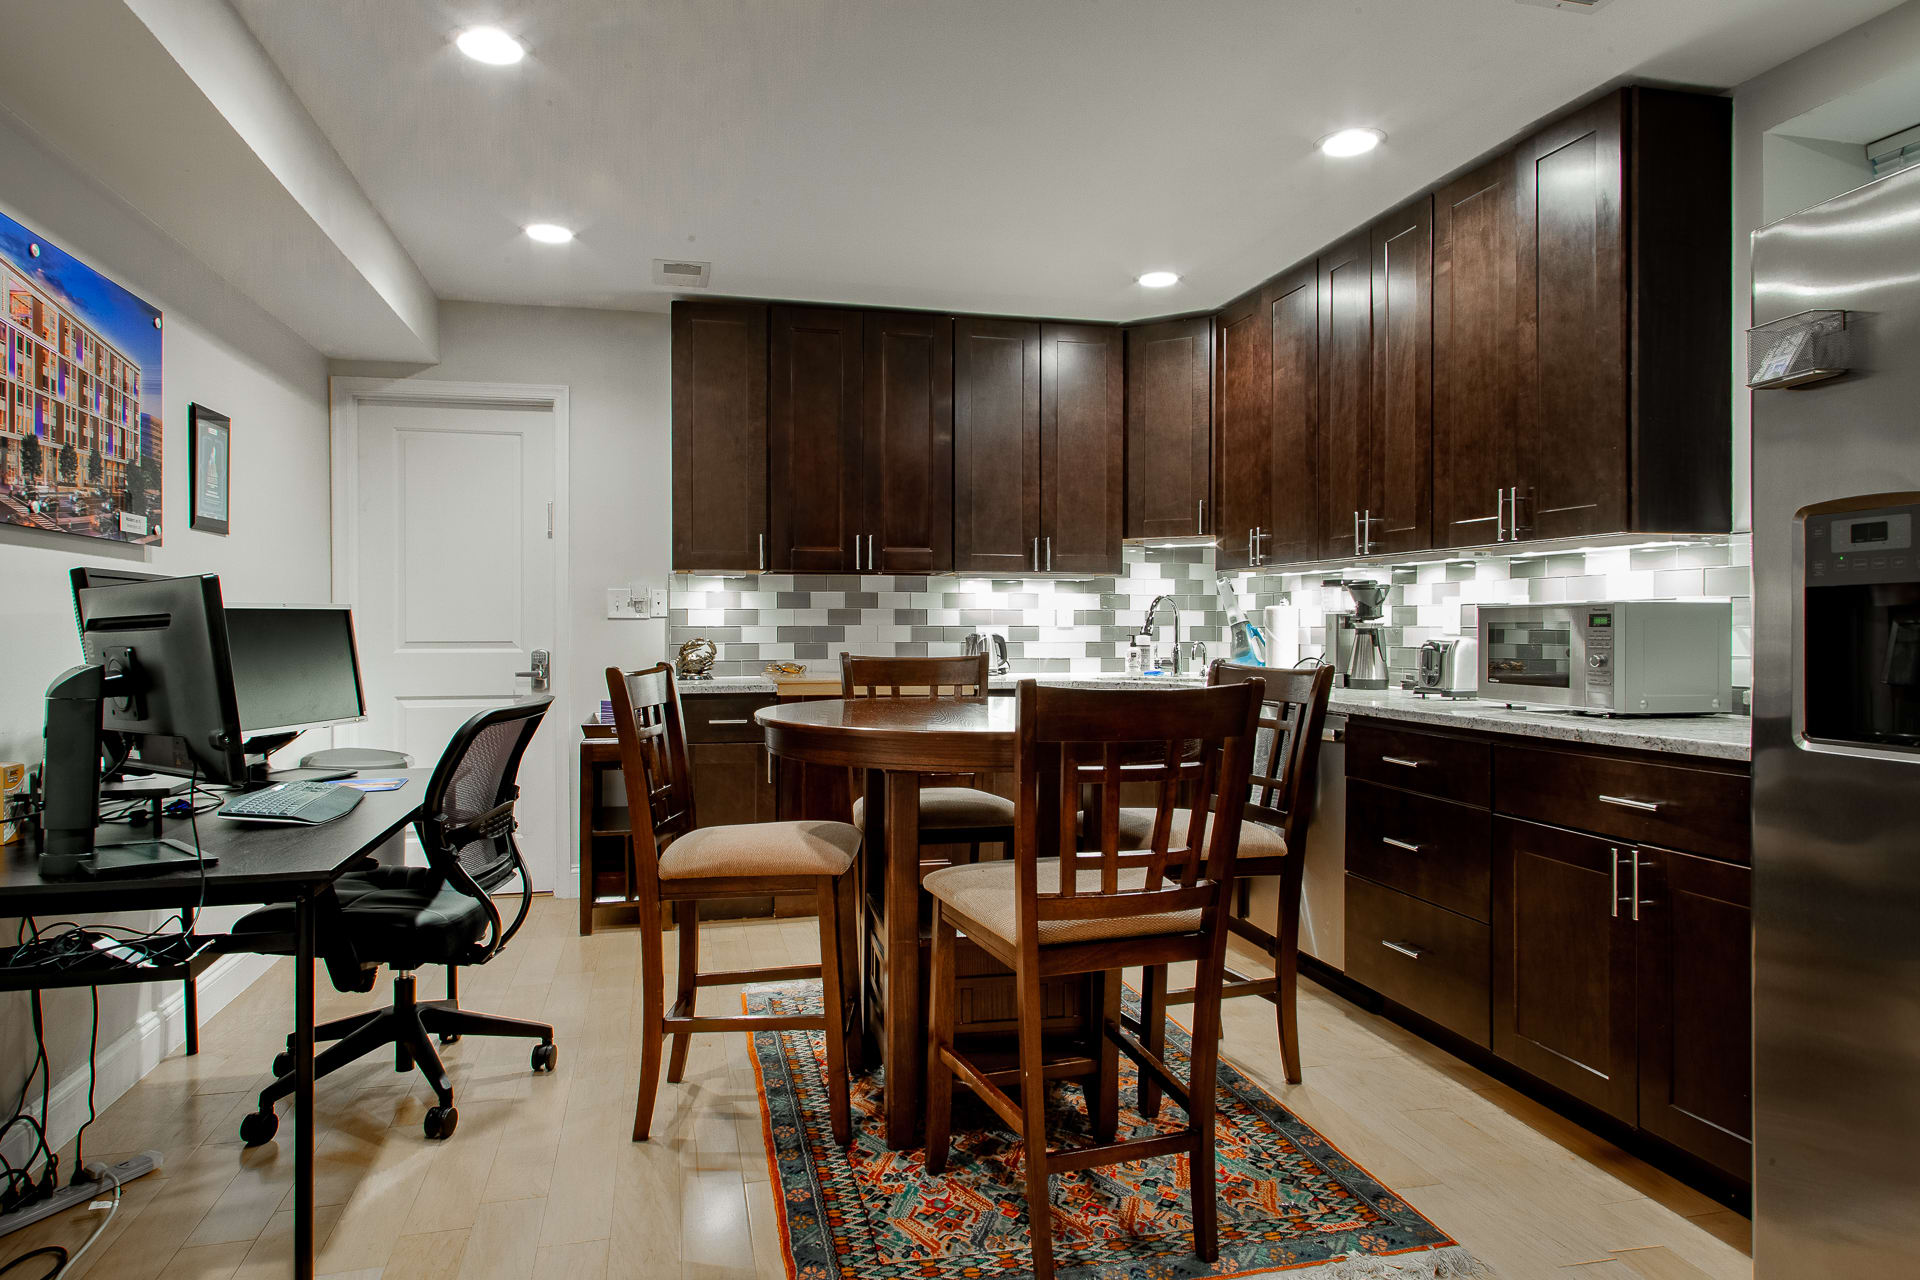 kitchen_furniture